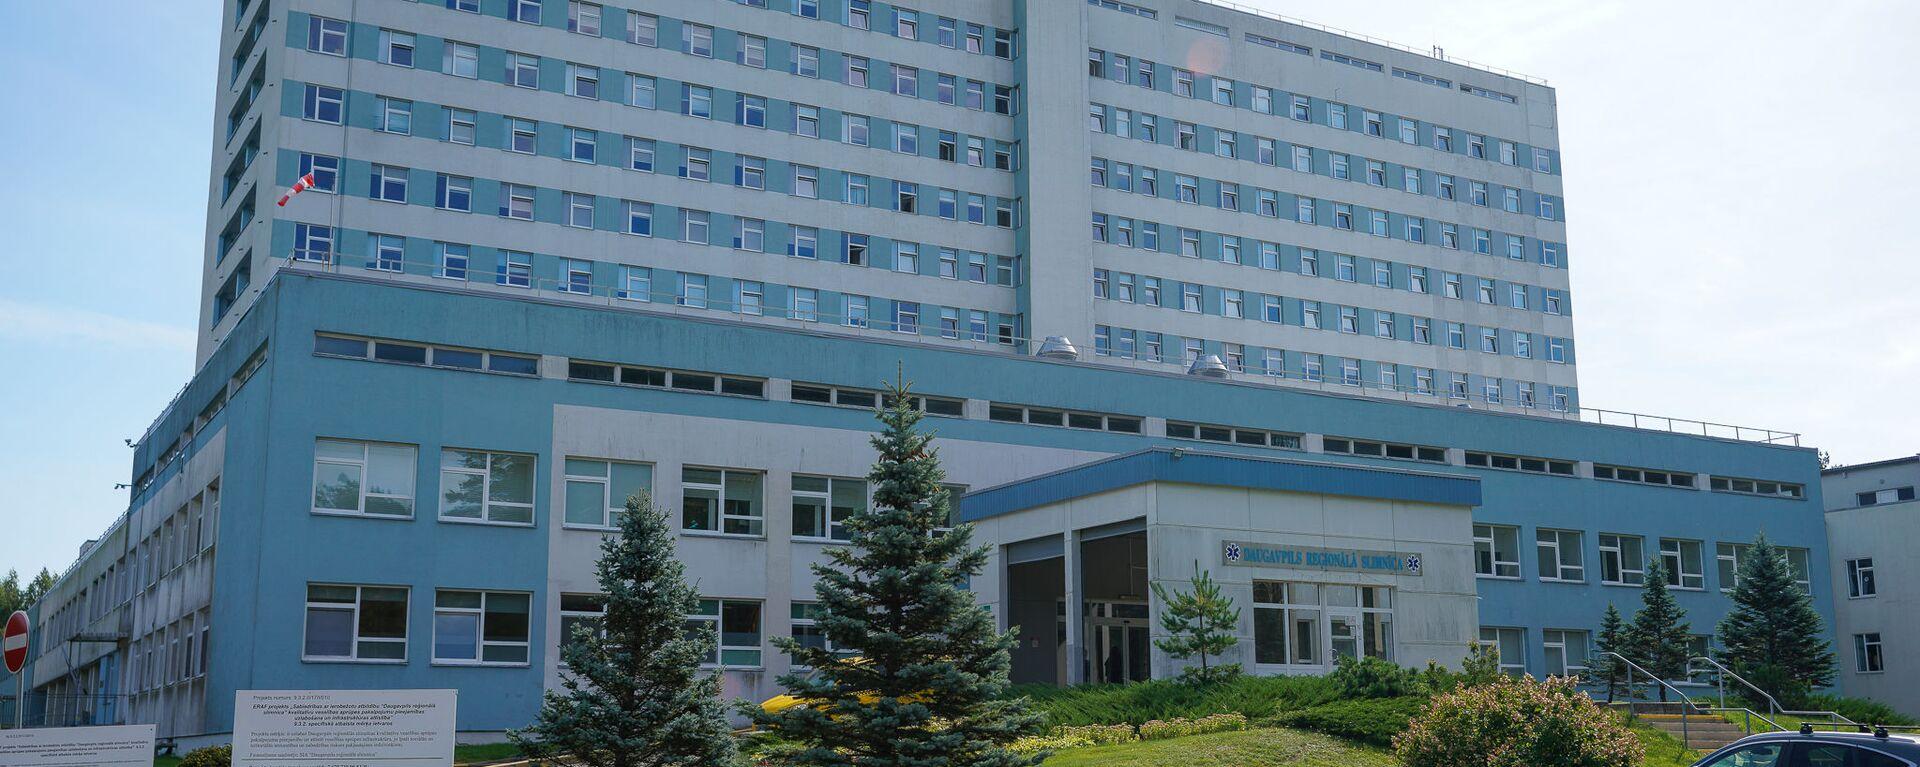 Даугавпилсская региональная больница - Sputnik Латвия, 1920, 24.09.2021